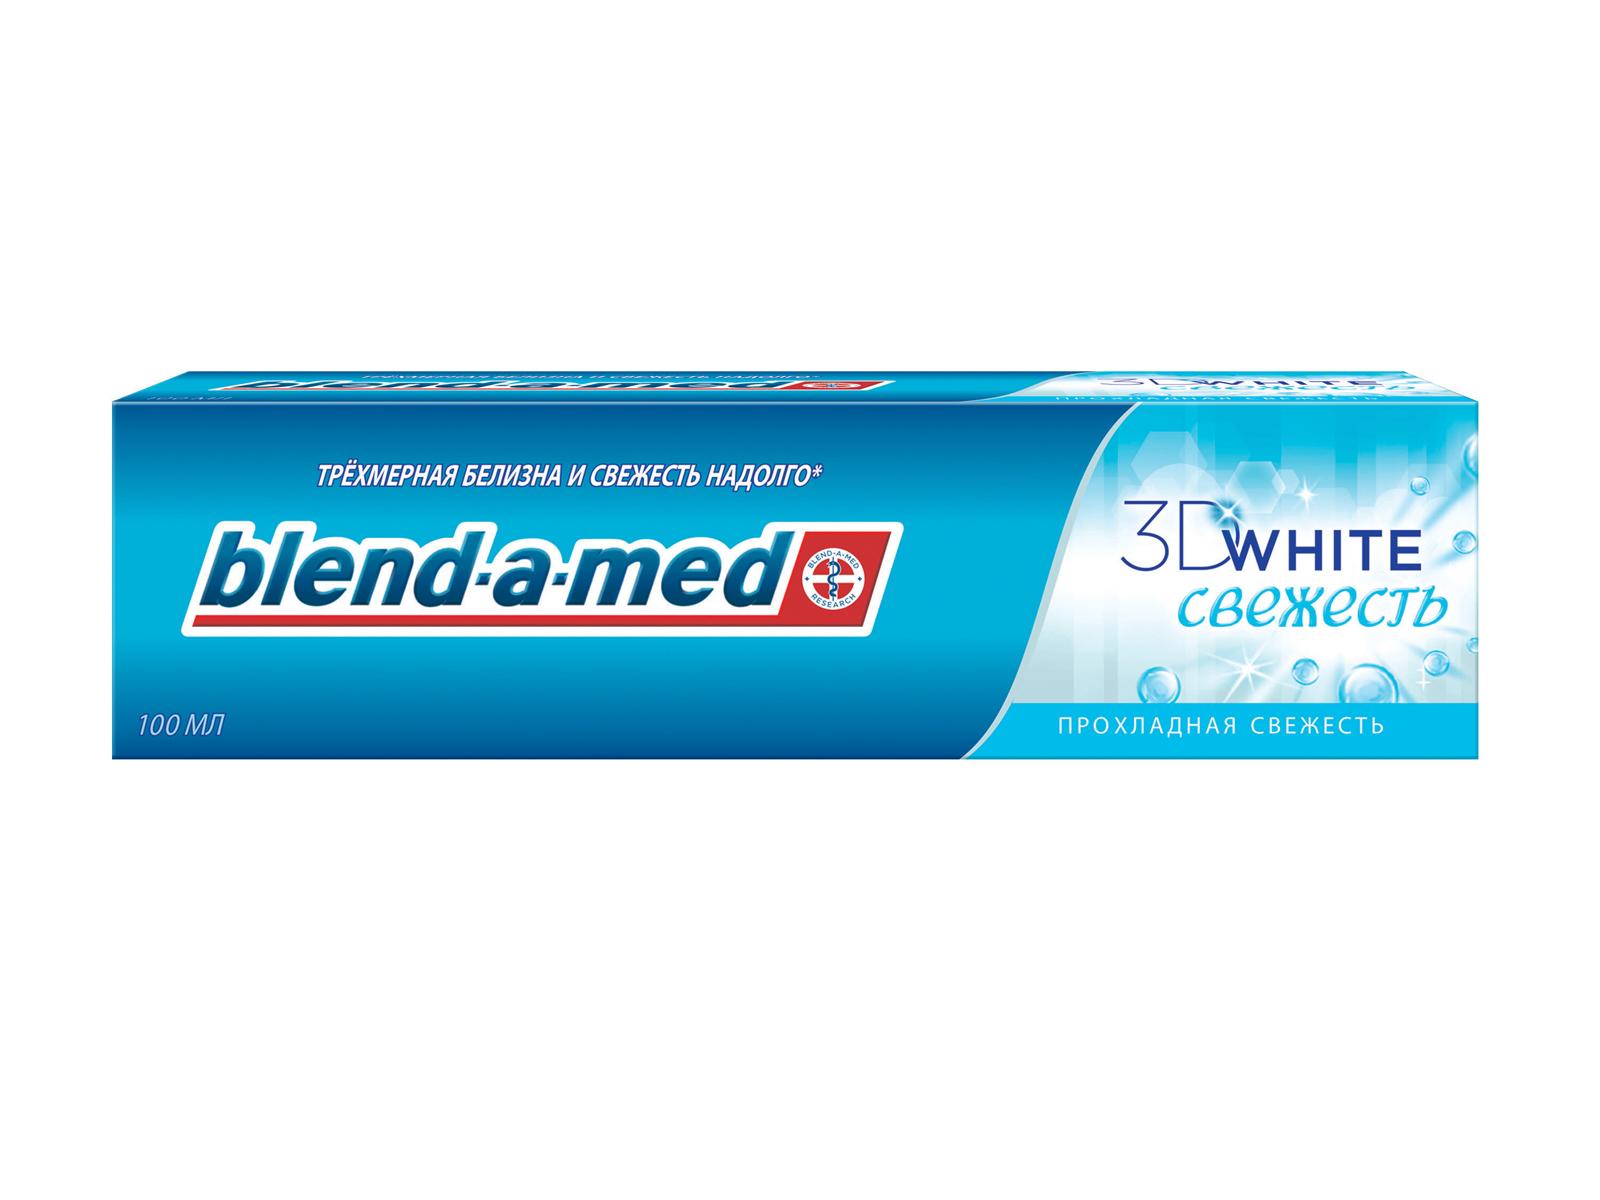 Blend-a-med Зубная паста 3D White Прохладная Свежесть, 100 млBM-81419621Ослепительно белые зубы и свежесть дыхания!3D White Прохладная Свежесть - это не только освежающий эффект, но и уникальные микрогранулы, которые содержатся в категории паст 3DWhite. Ваши зубы останутся ослепительно белыми во всех трех измерениях: впереди, сзади и даже в промежутках между зубами.- Трехмерная белизна и свежесть надолго.- Обеспечивает качественный уход за здоровьем полости рта.- Возвращает естественную белизну зубов.- Отбеливающие частицы, оказывающие воздействие на поверхность языка, десен и зубов, сохраняют ваши зубы ослепительно белоснежными во всех трех измерениях – впереди, сзади и даже в промежутках между зубами!- Безопасно для эмали.Срок хранения – 2 года.«Проктер энд Гэмбл», Германия.